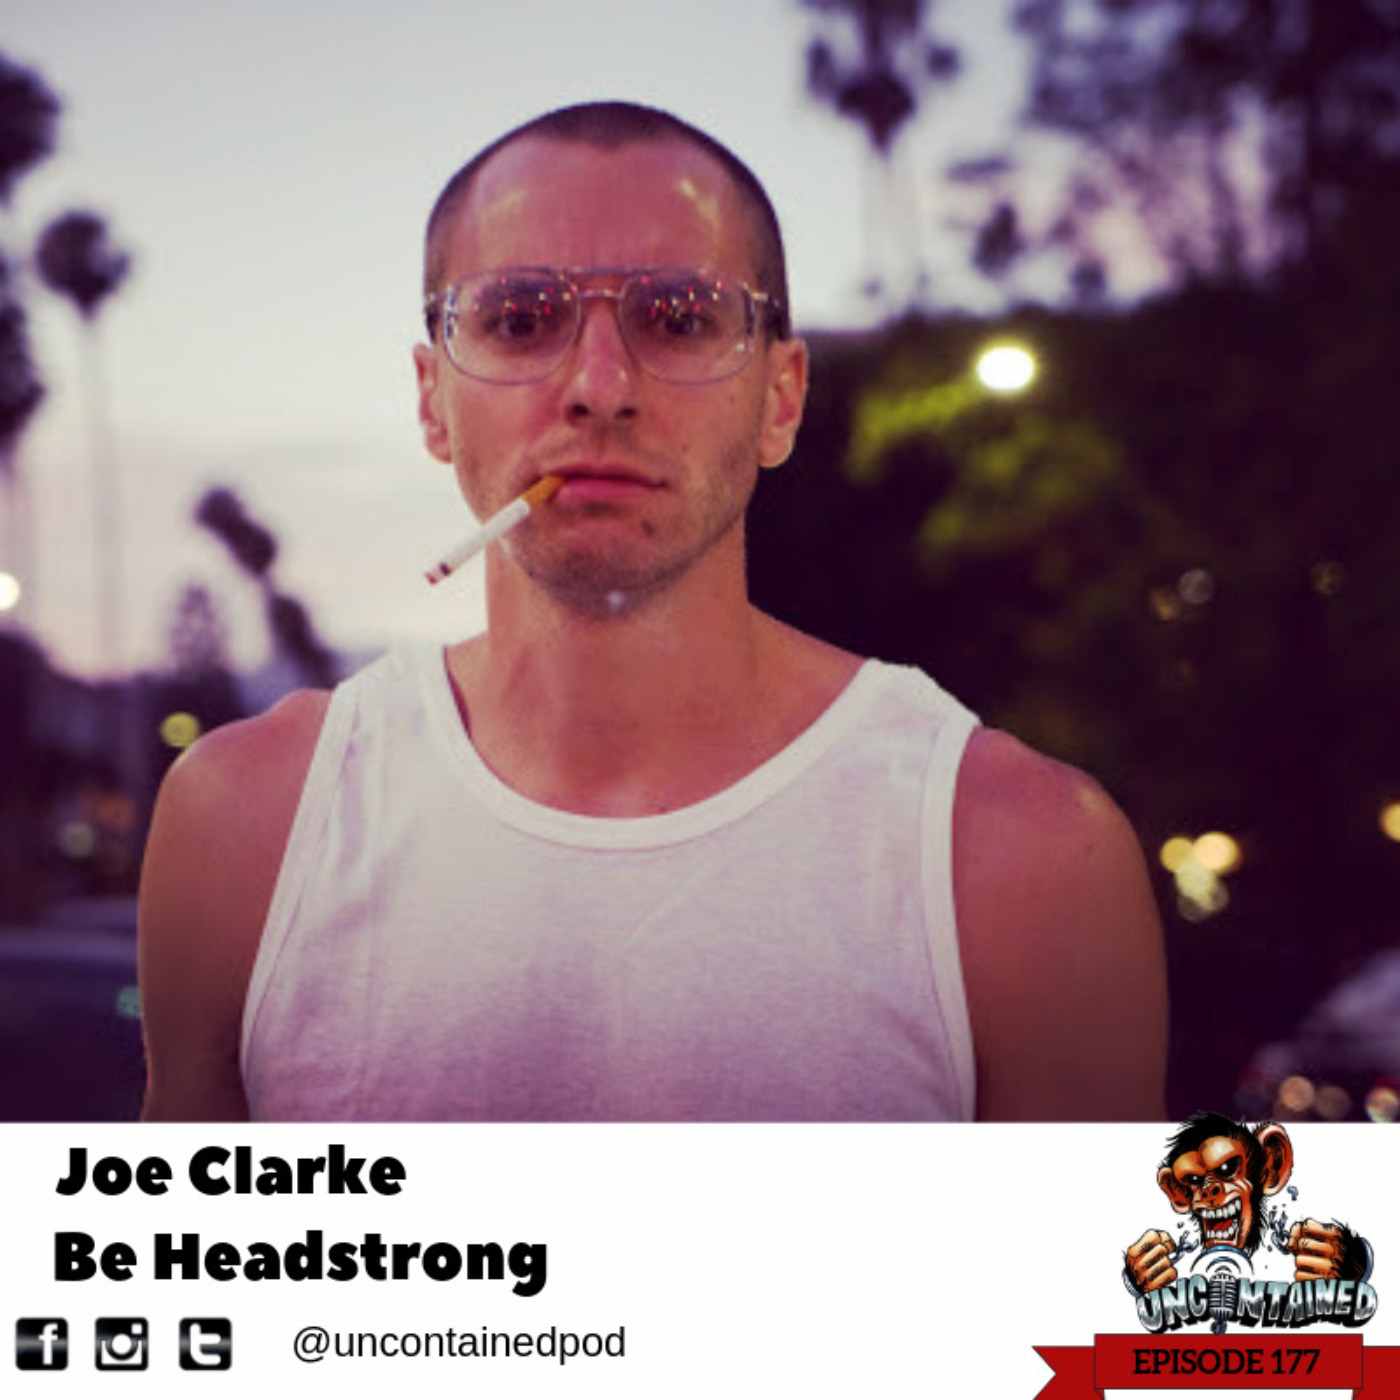 Episode 177: Joe Clarke - Be Headstrong